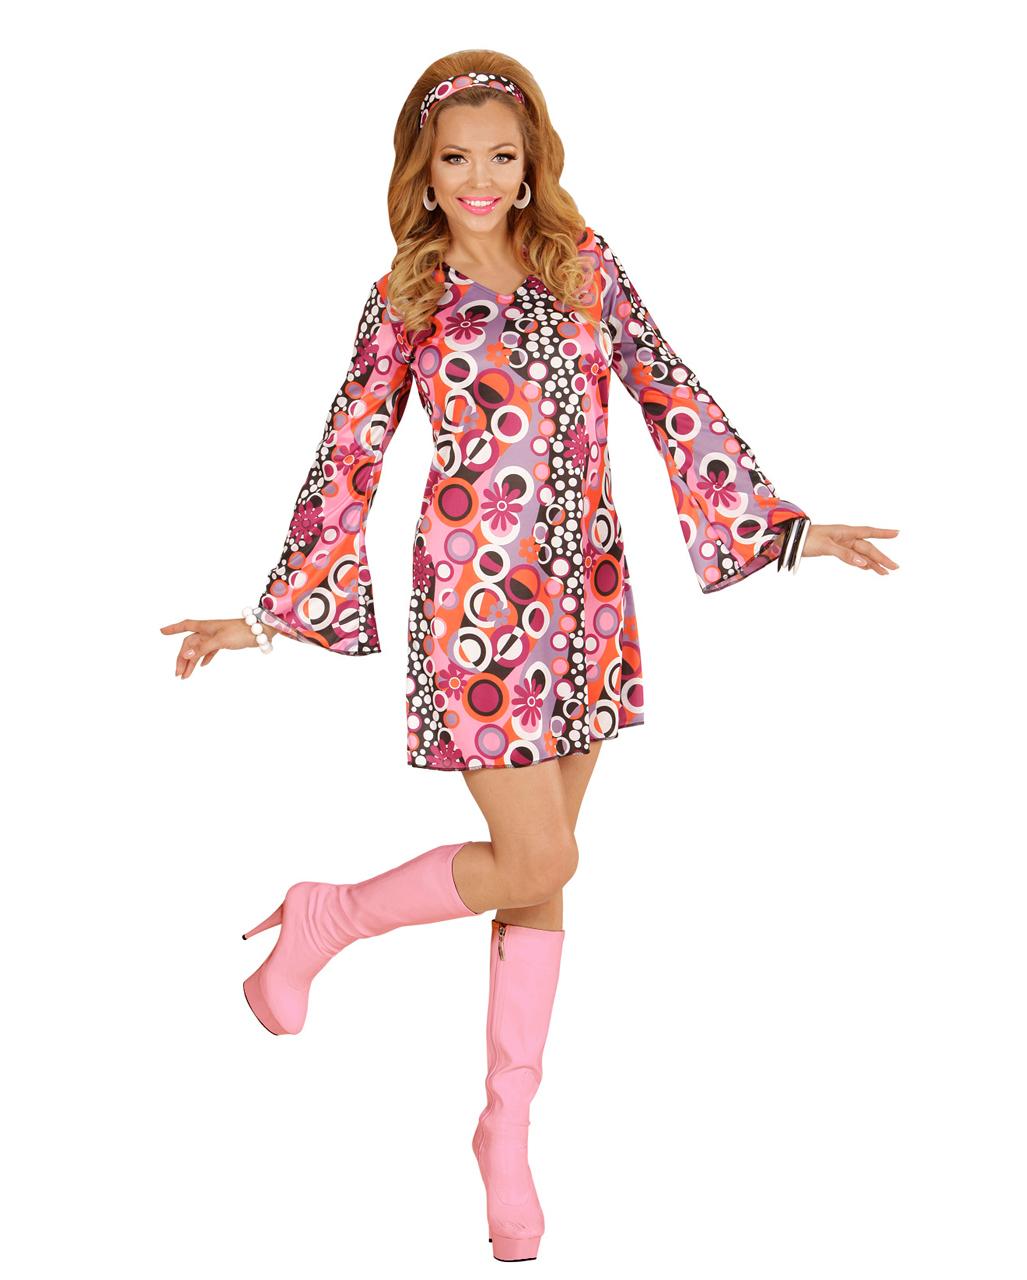 Hippie & Flower Power Kostüme & Accessoires | horror-shop.com